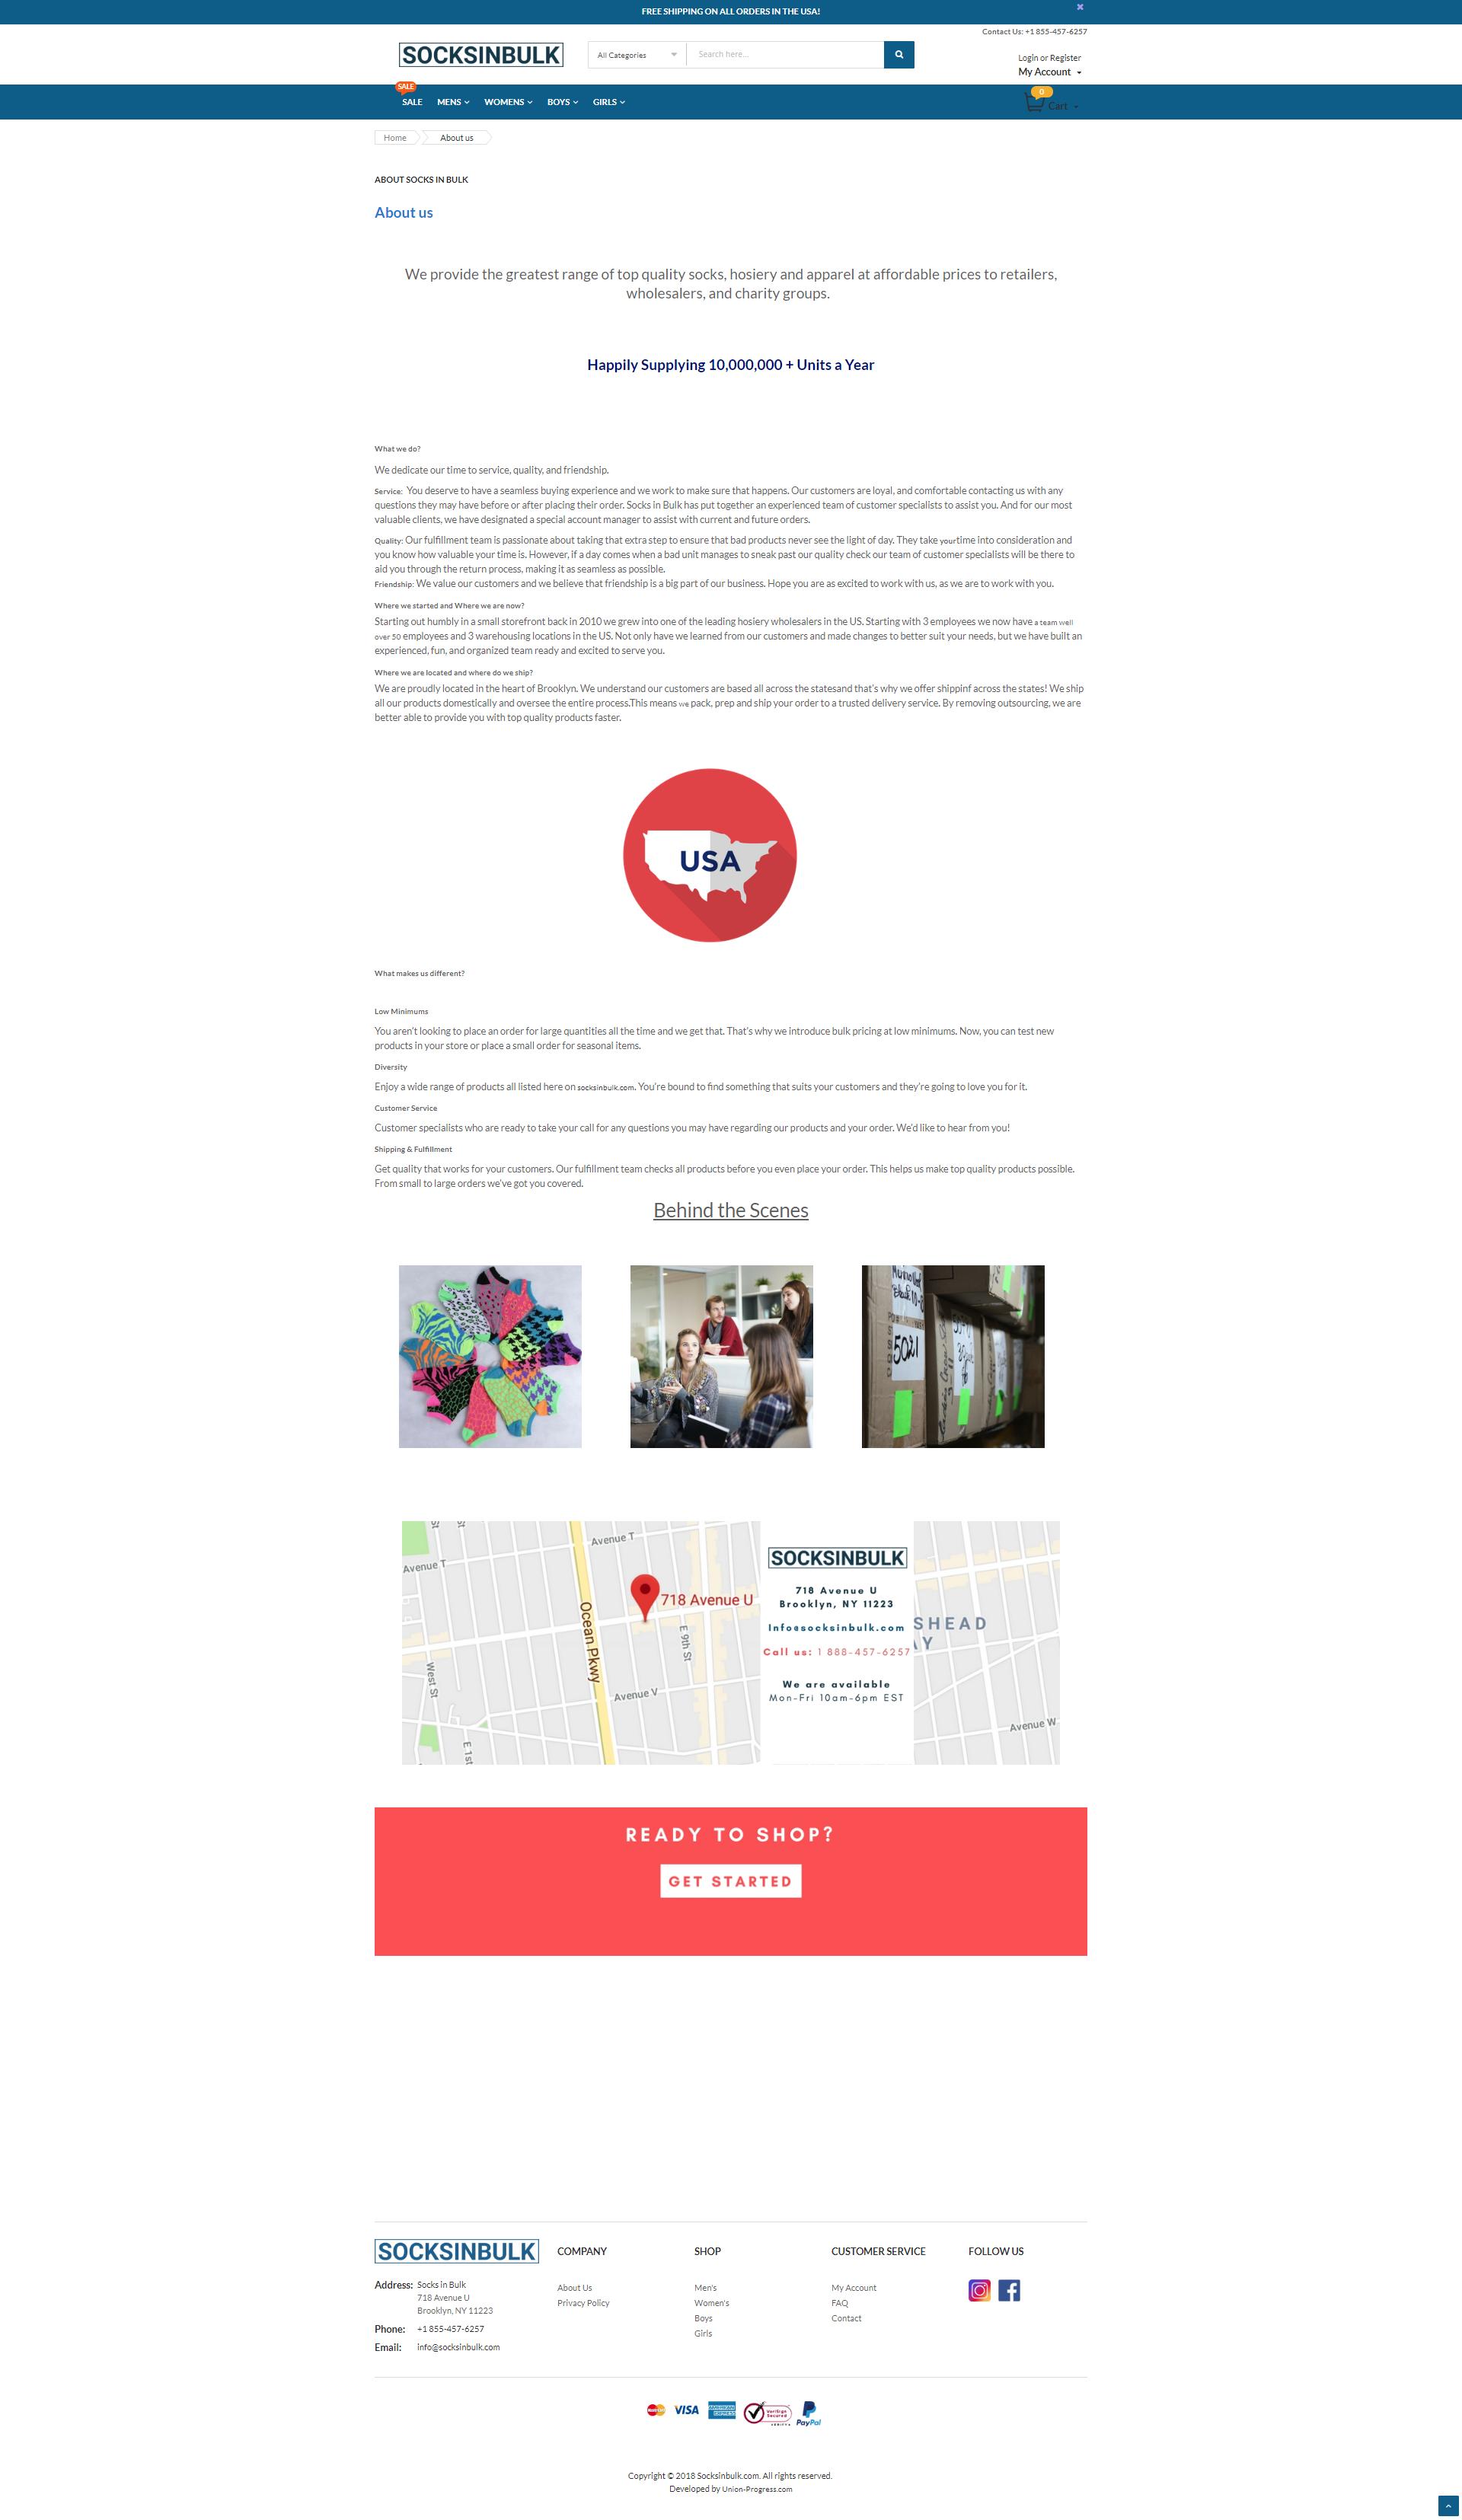 NYC Based copywriter - mad marketing